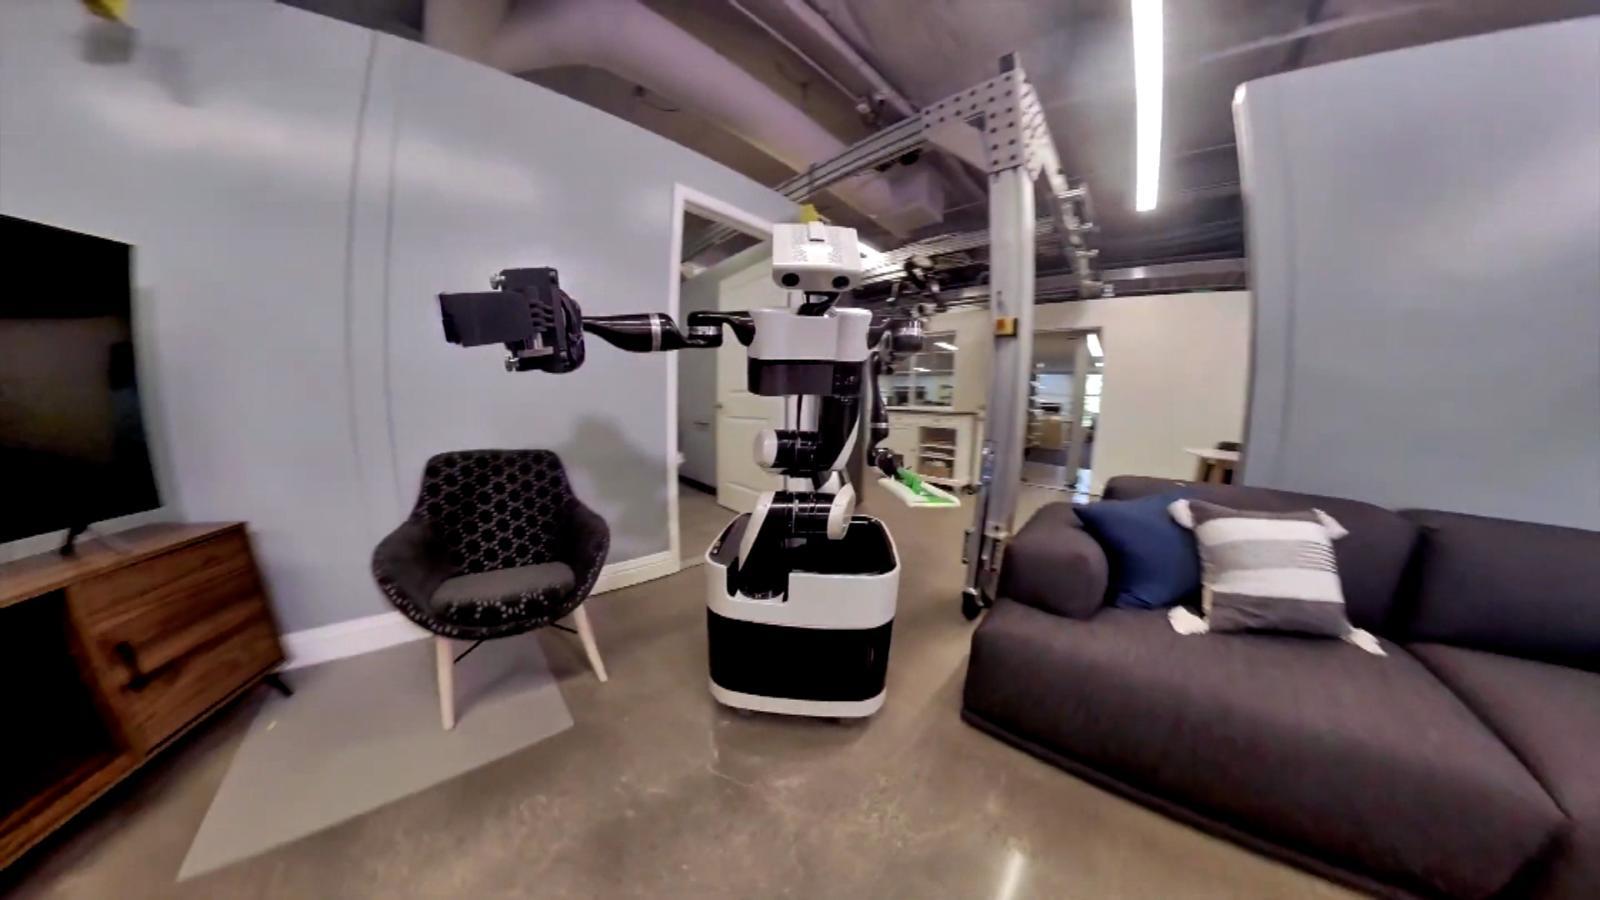 Este robot se toma selfies mientras realiza tareas domésticas